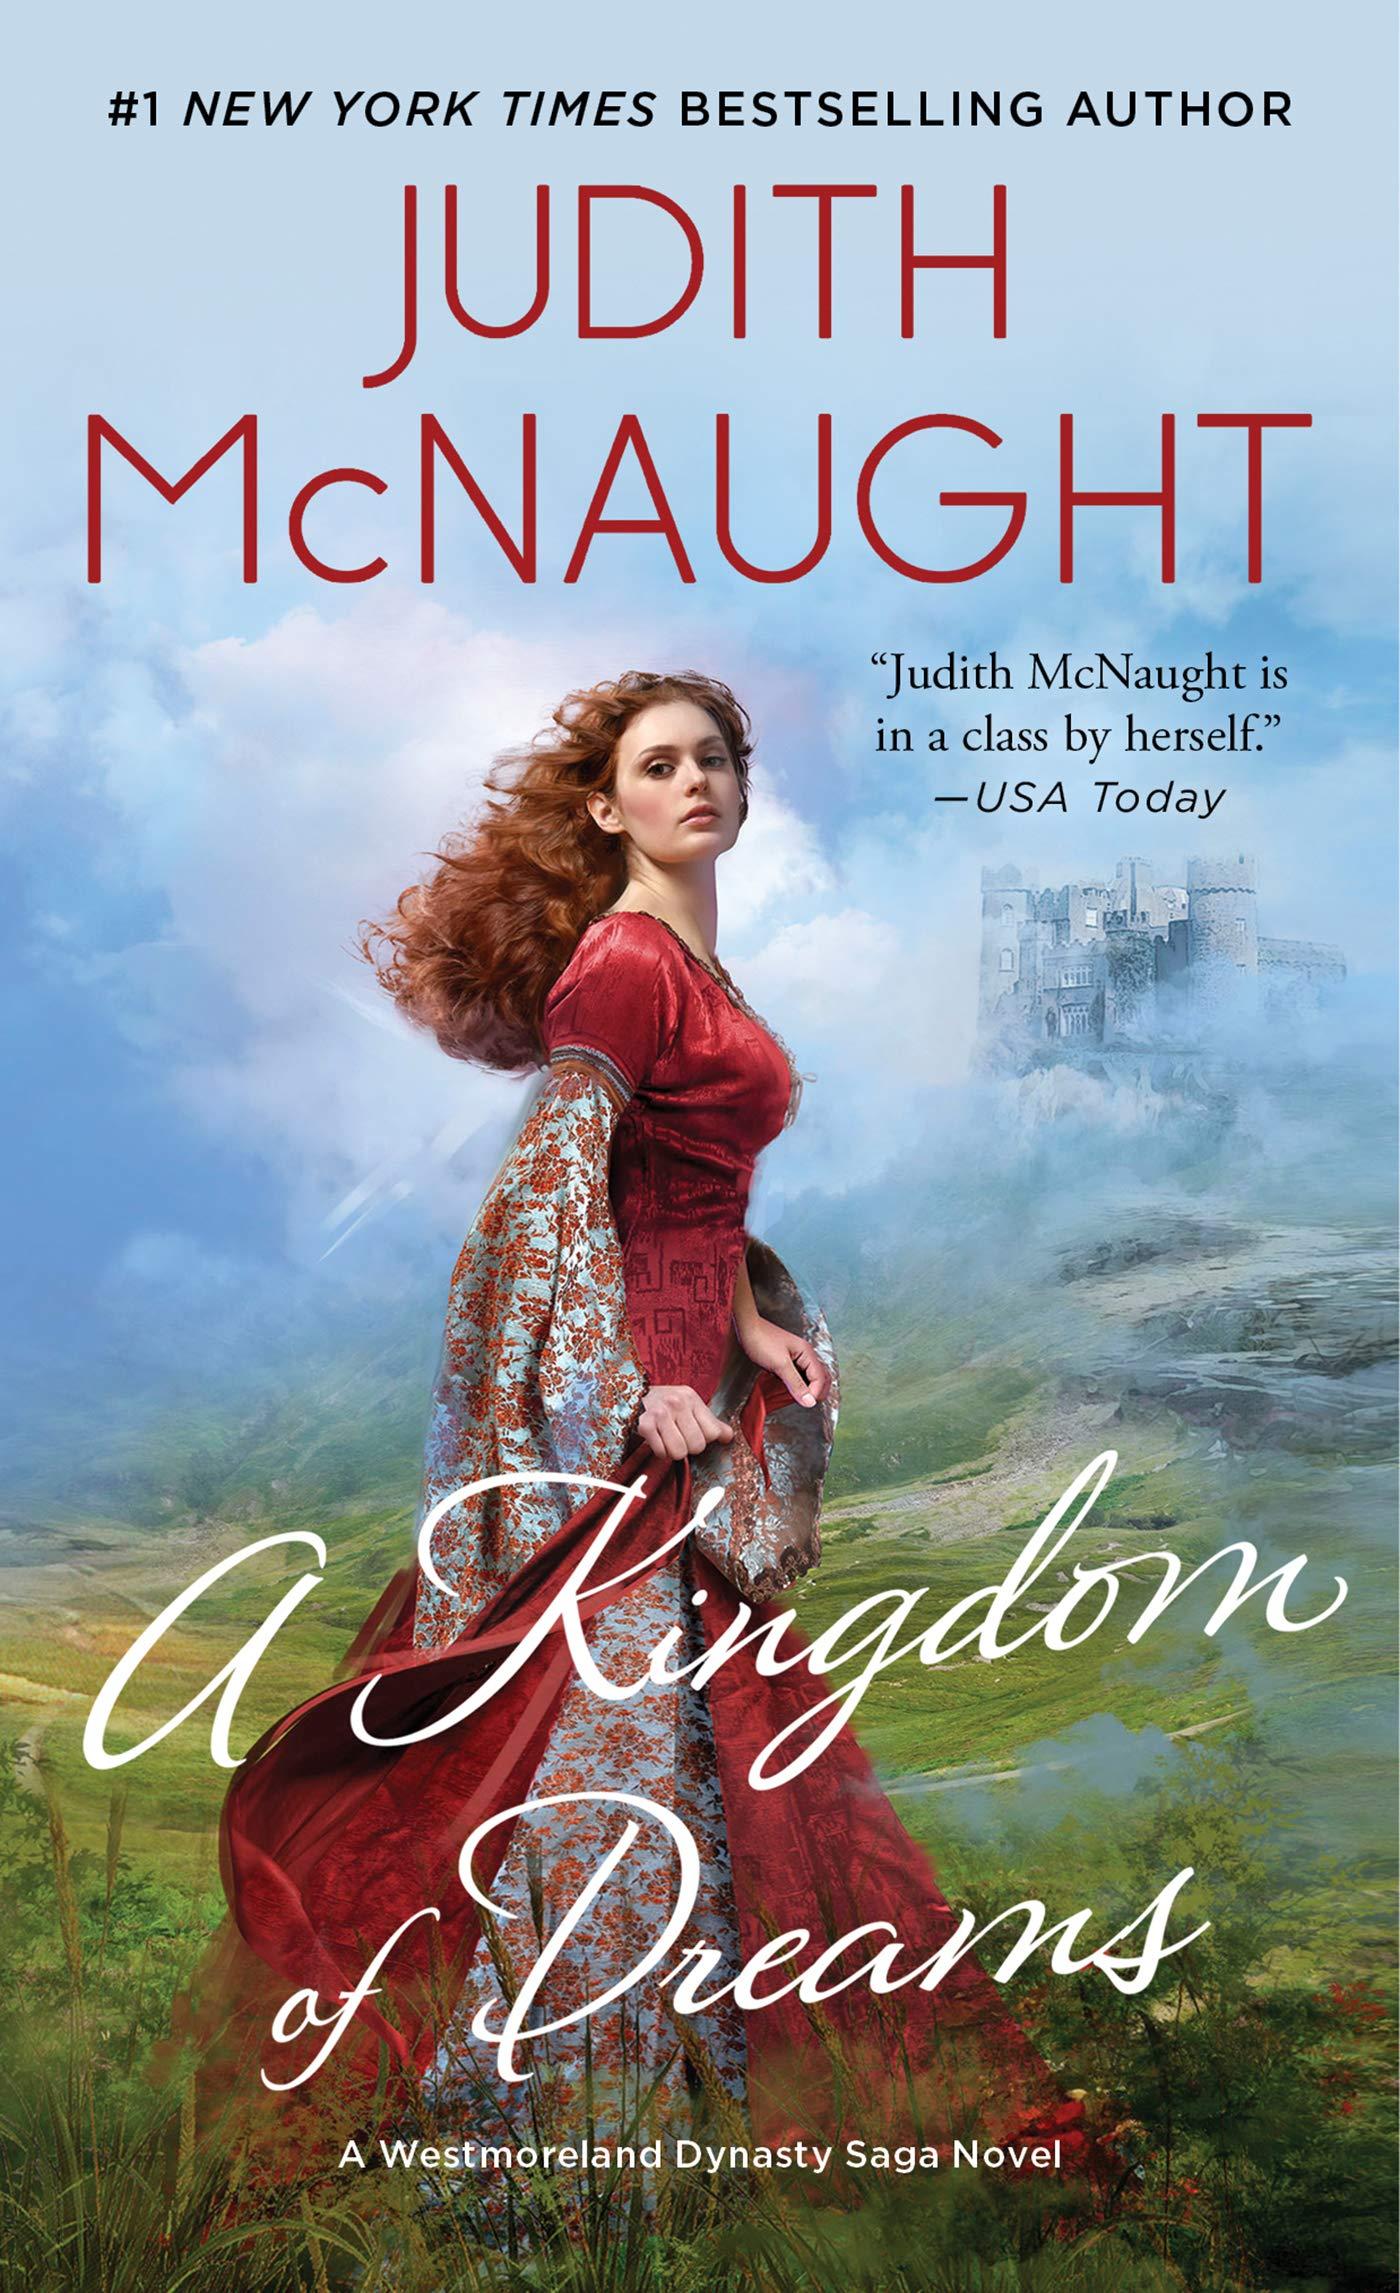 A Kingdom of Dreams (The Westmoreland Dynasty Saga): Judith